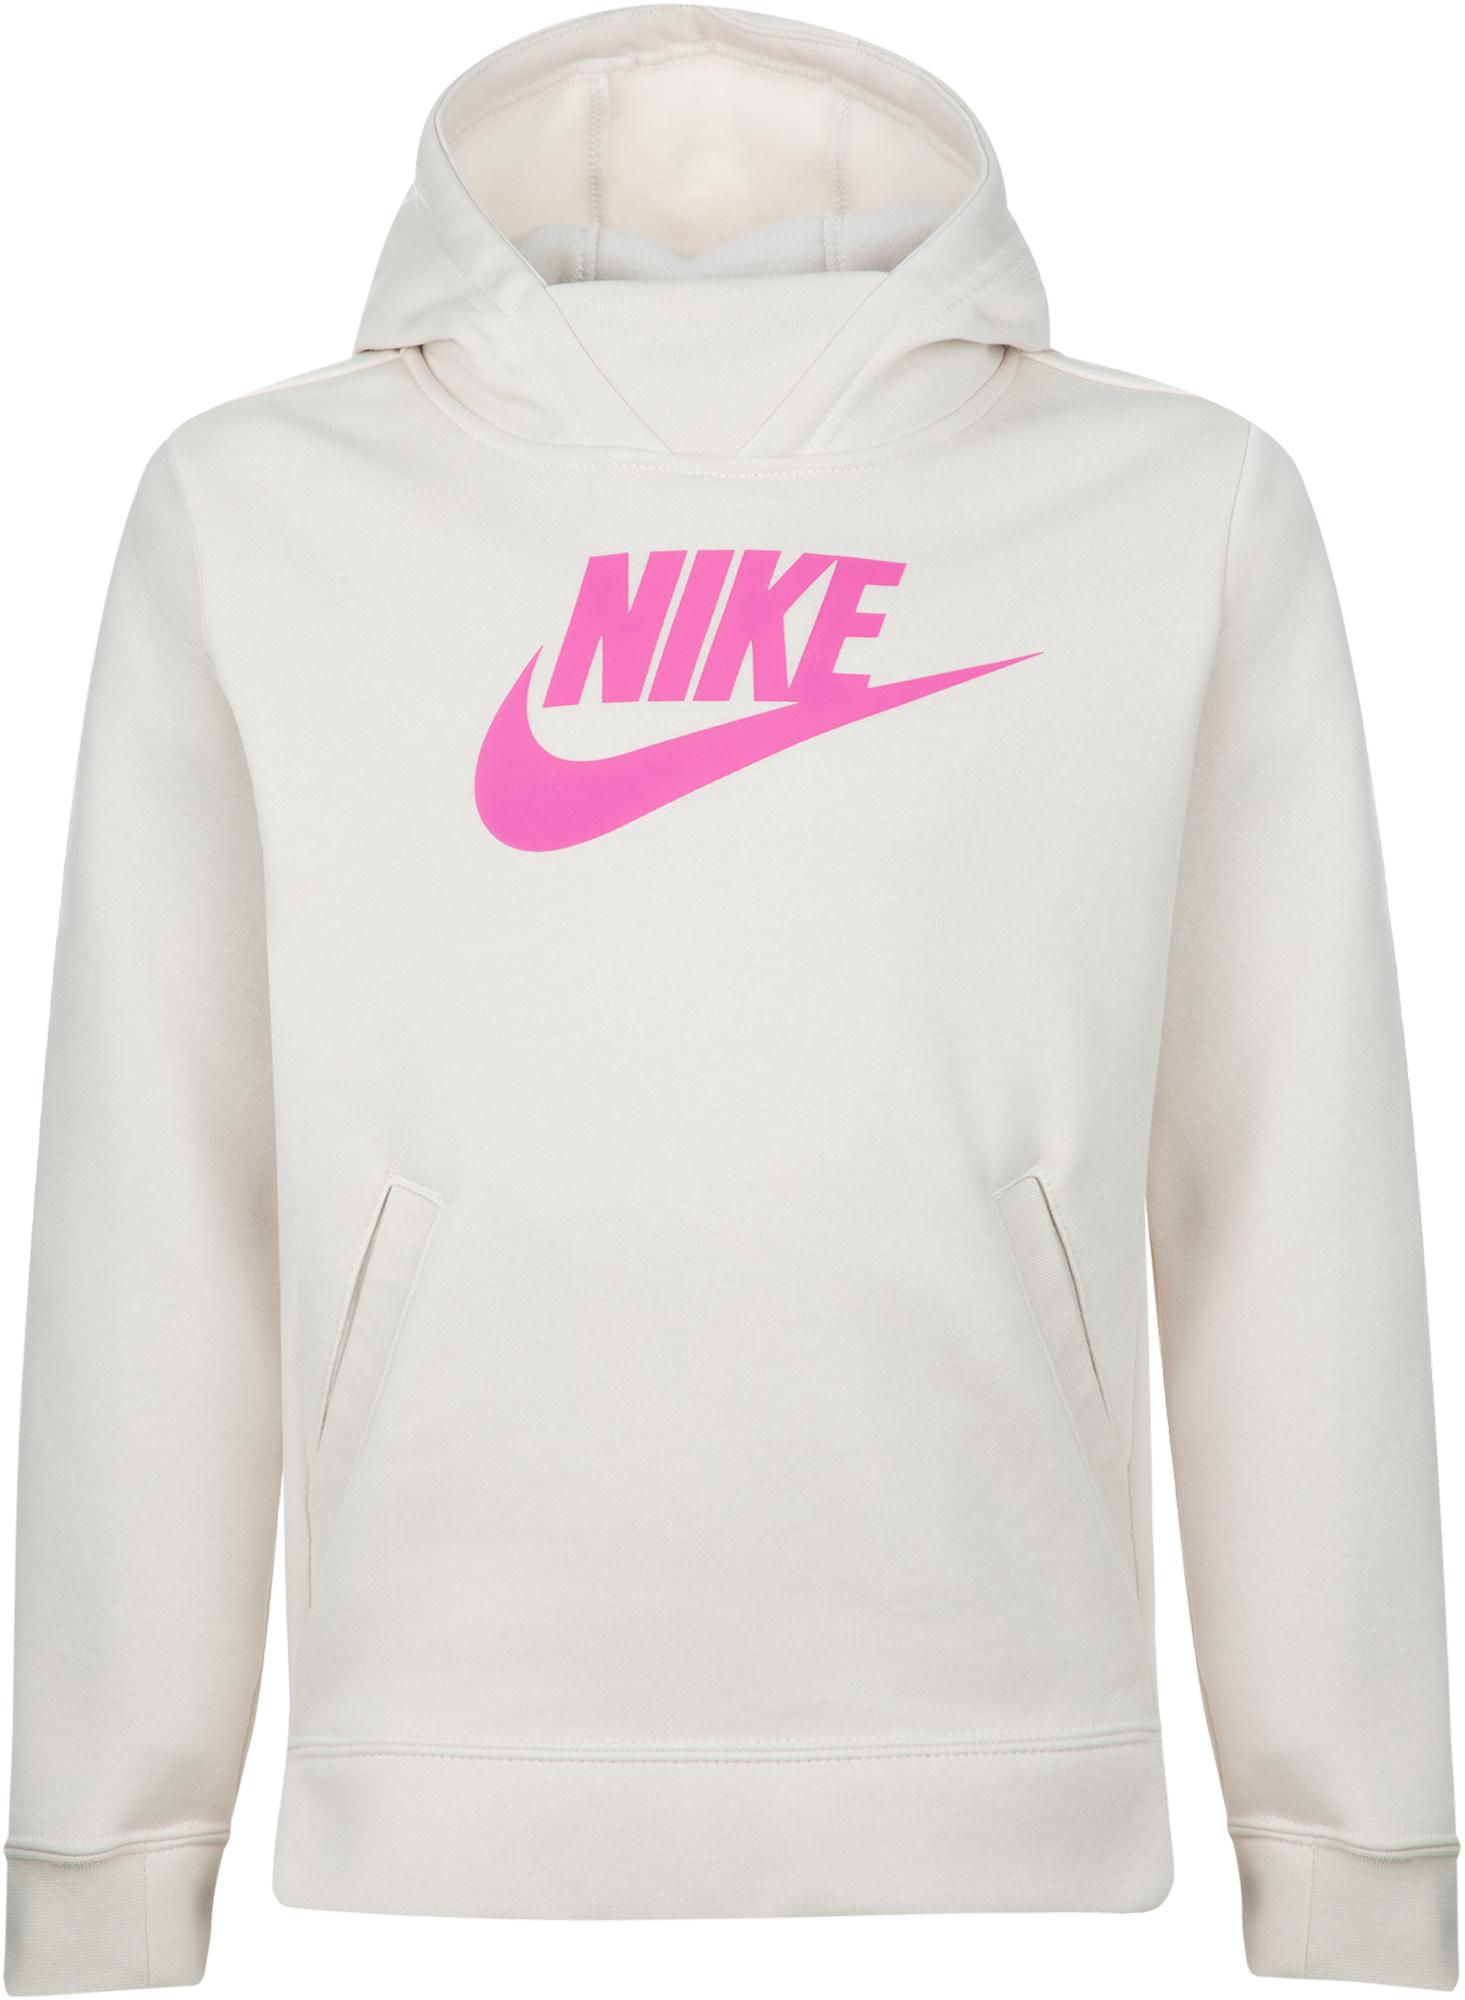 цена Nike Худи для девочек Nike Sportswear, размер 156-165 онлайн в 2017 году